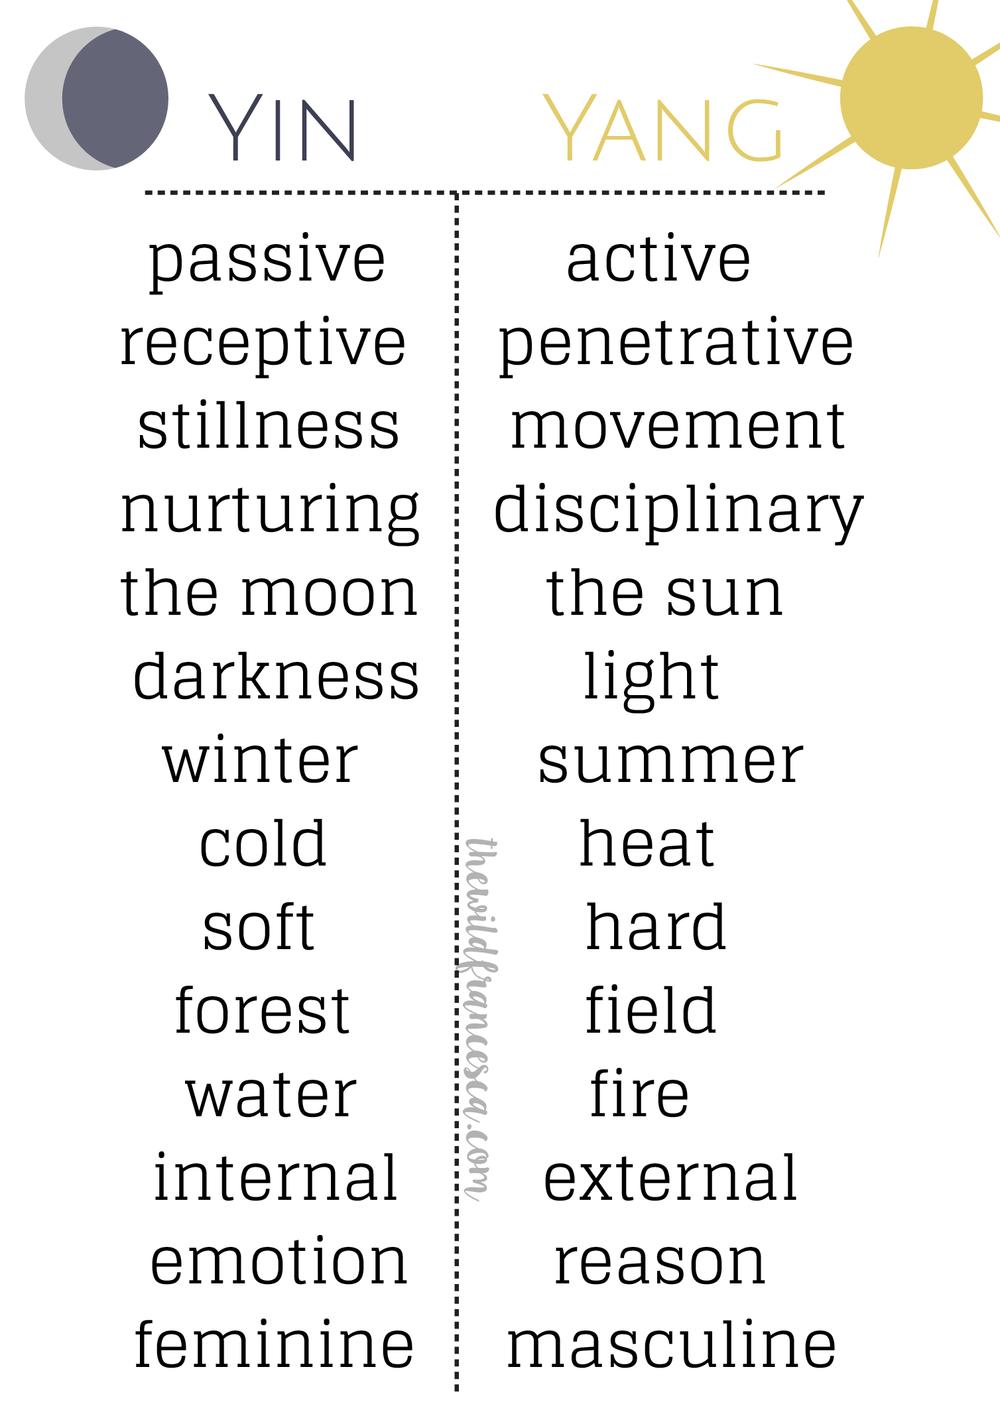 yin yang attributes-01.png